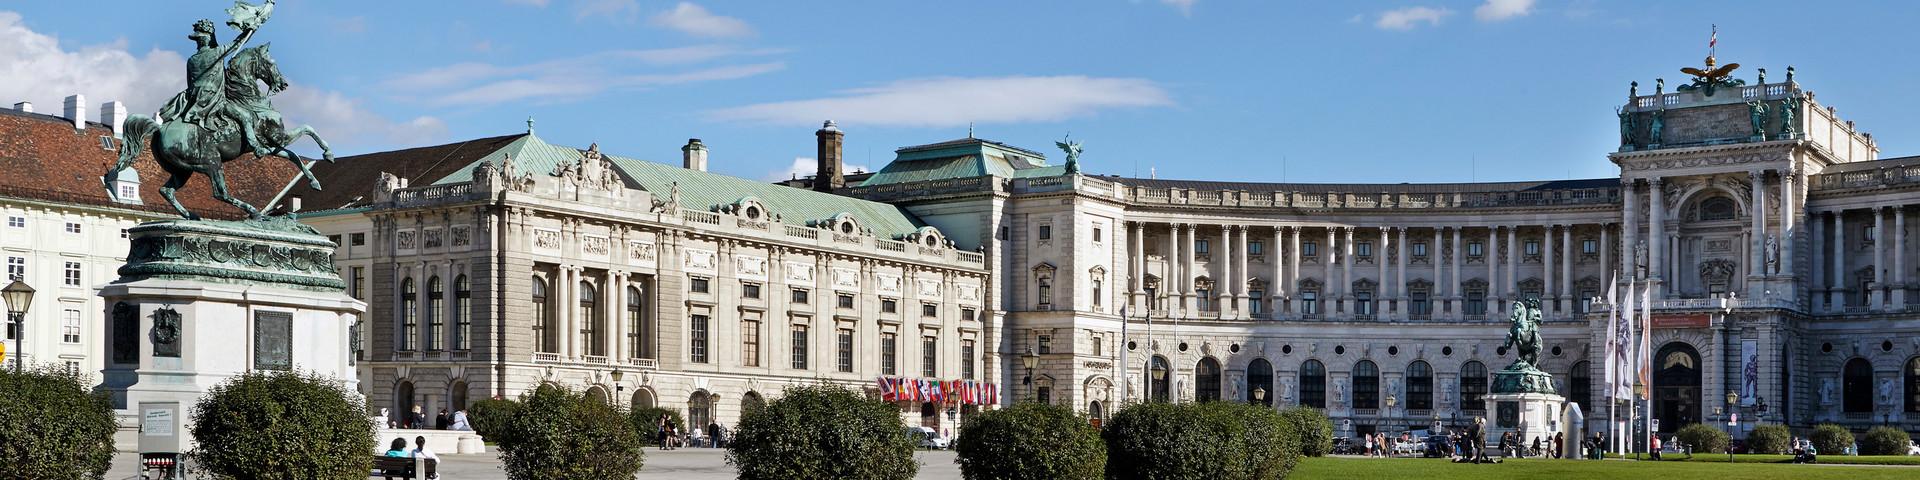 Hofburg Wien - Aussenansicht © Hofburg Vienna | M. Seidl